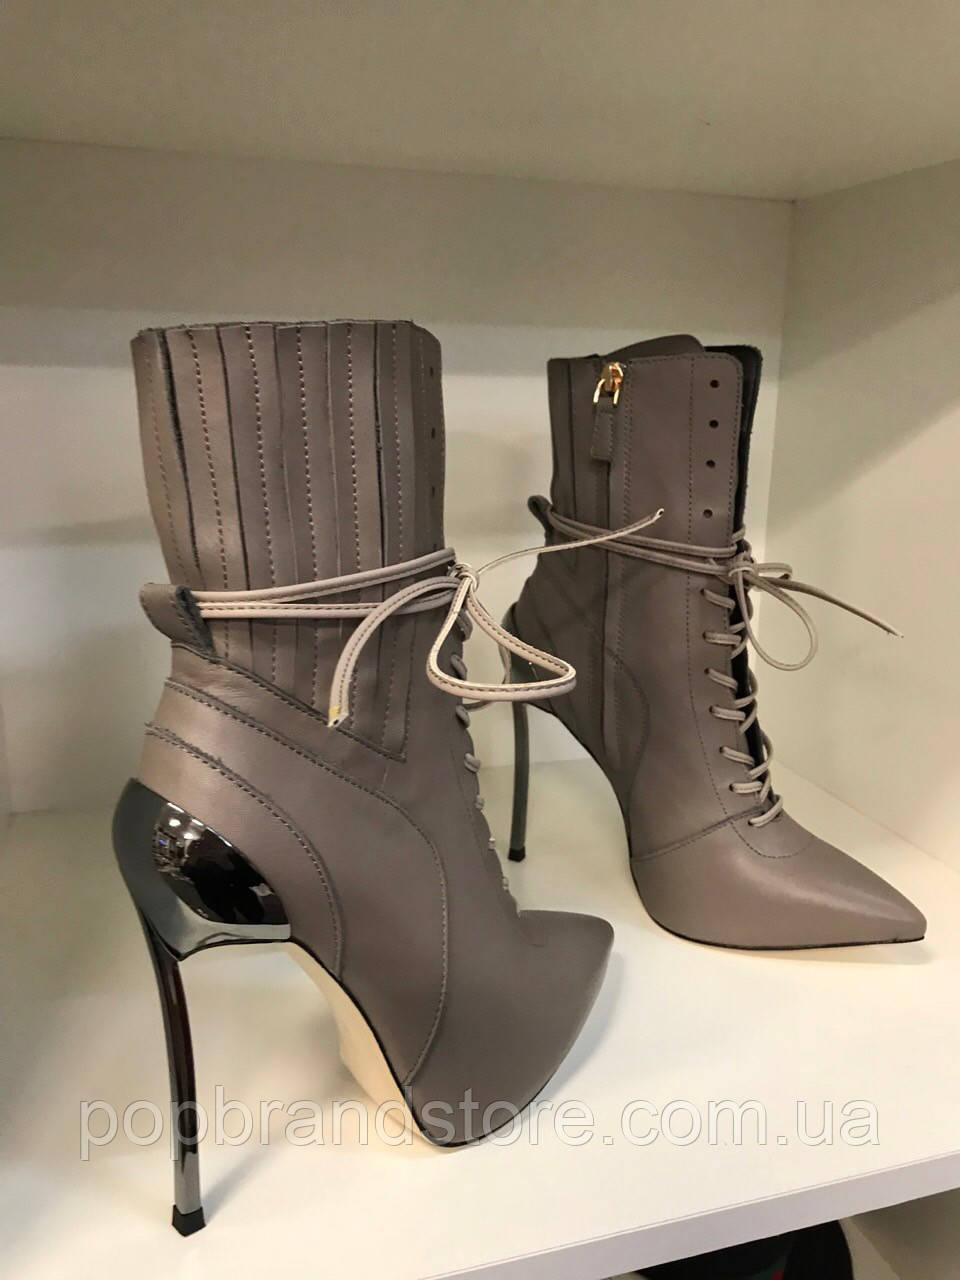 Кожаные женские ботильоны Casadei  Techno Blade  на шнуровке (реплика) bc1e87d5728